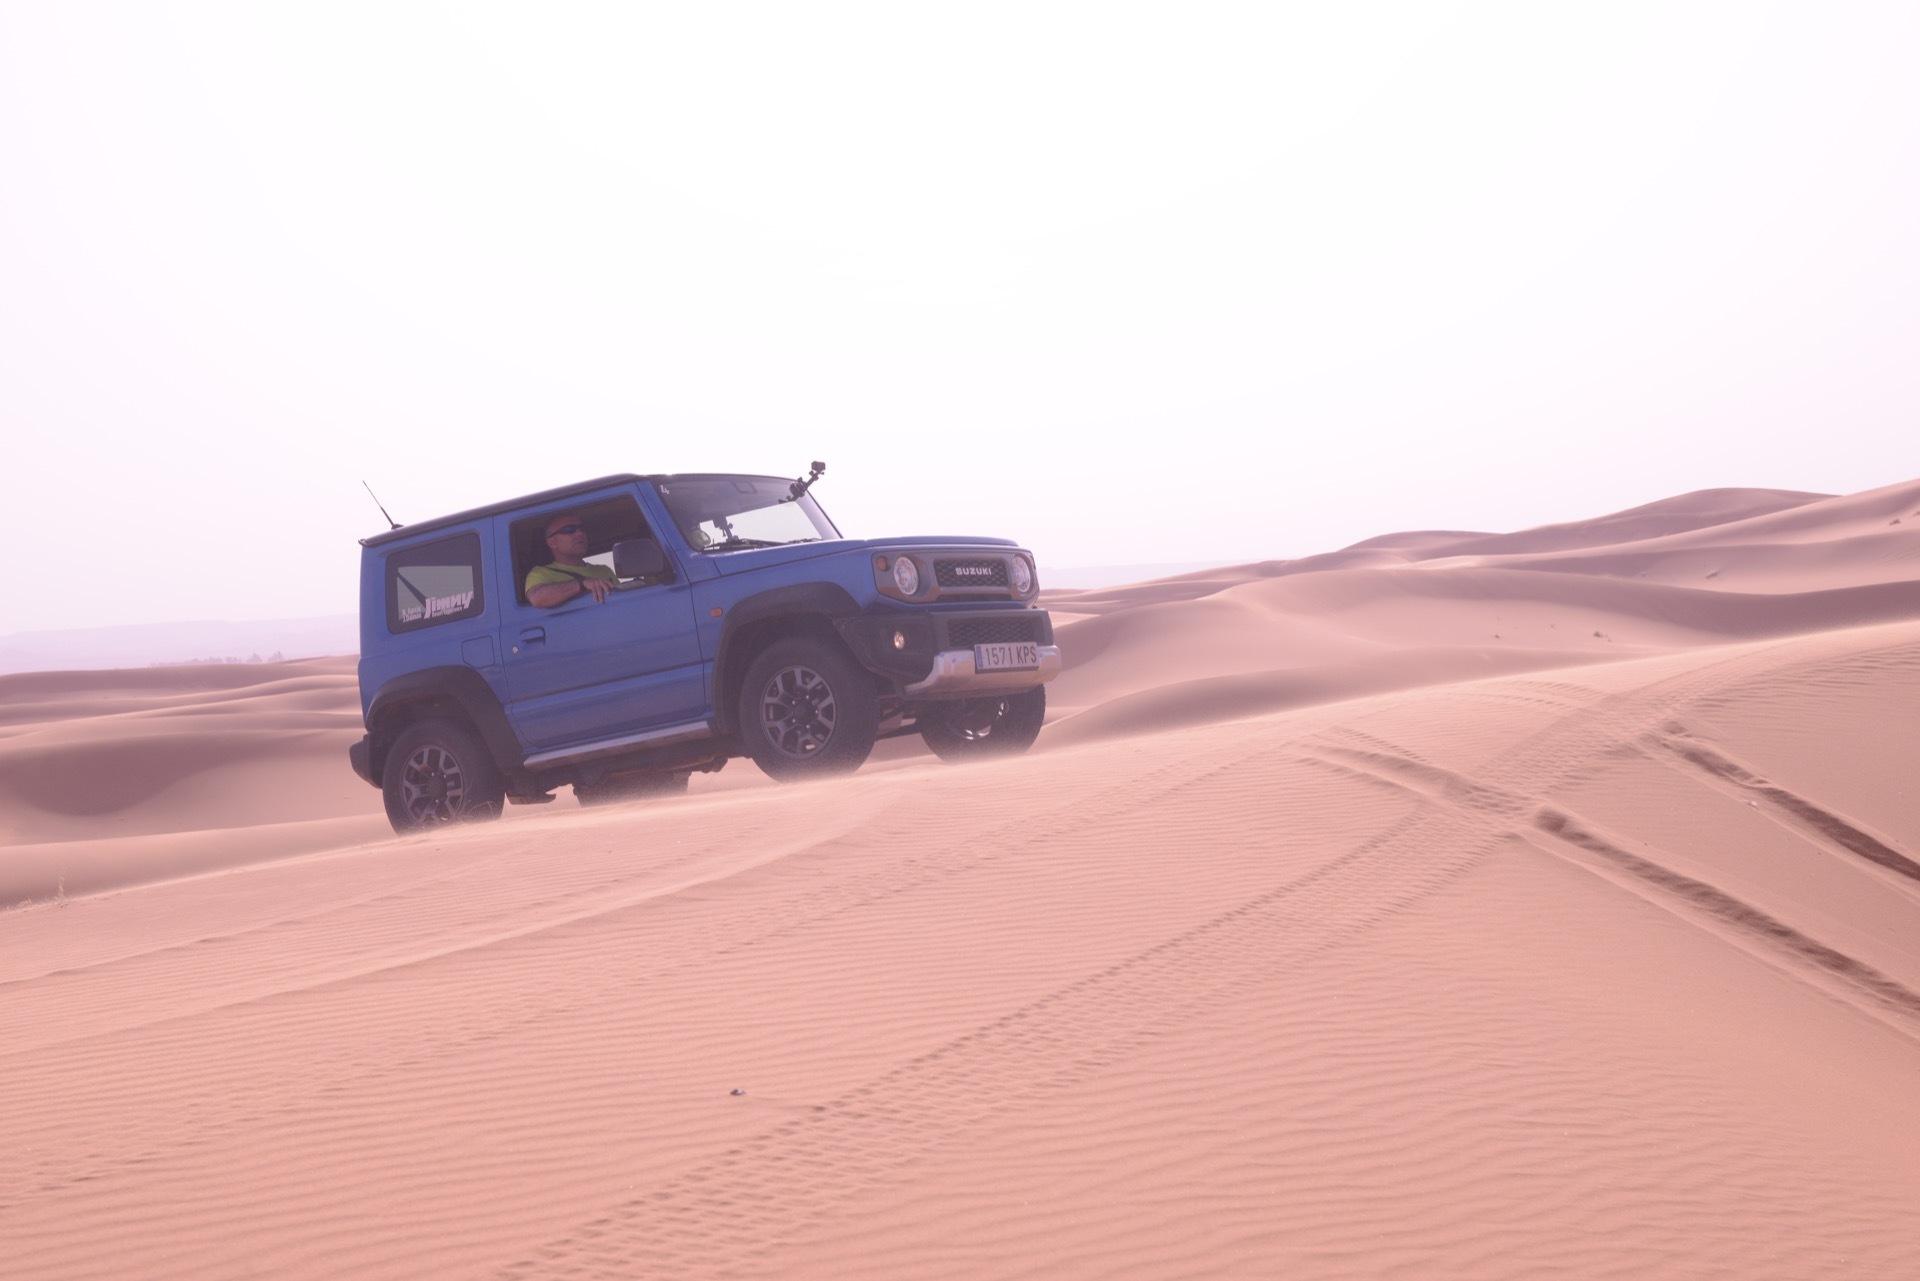 Suzuki Jimny Desert Experience 2019 00140